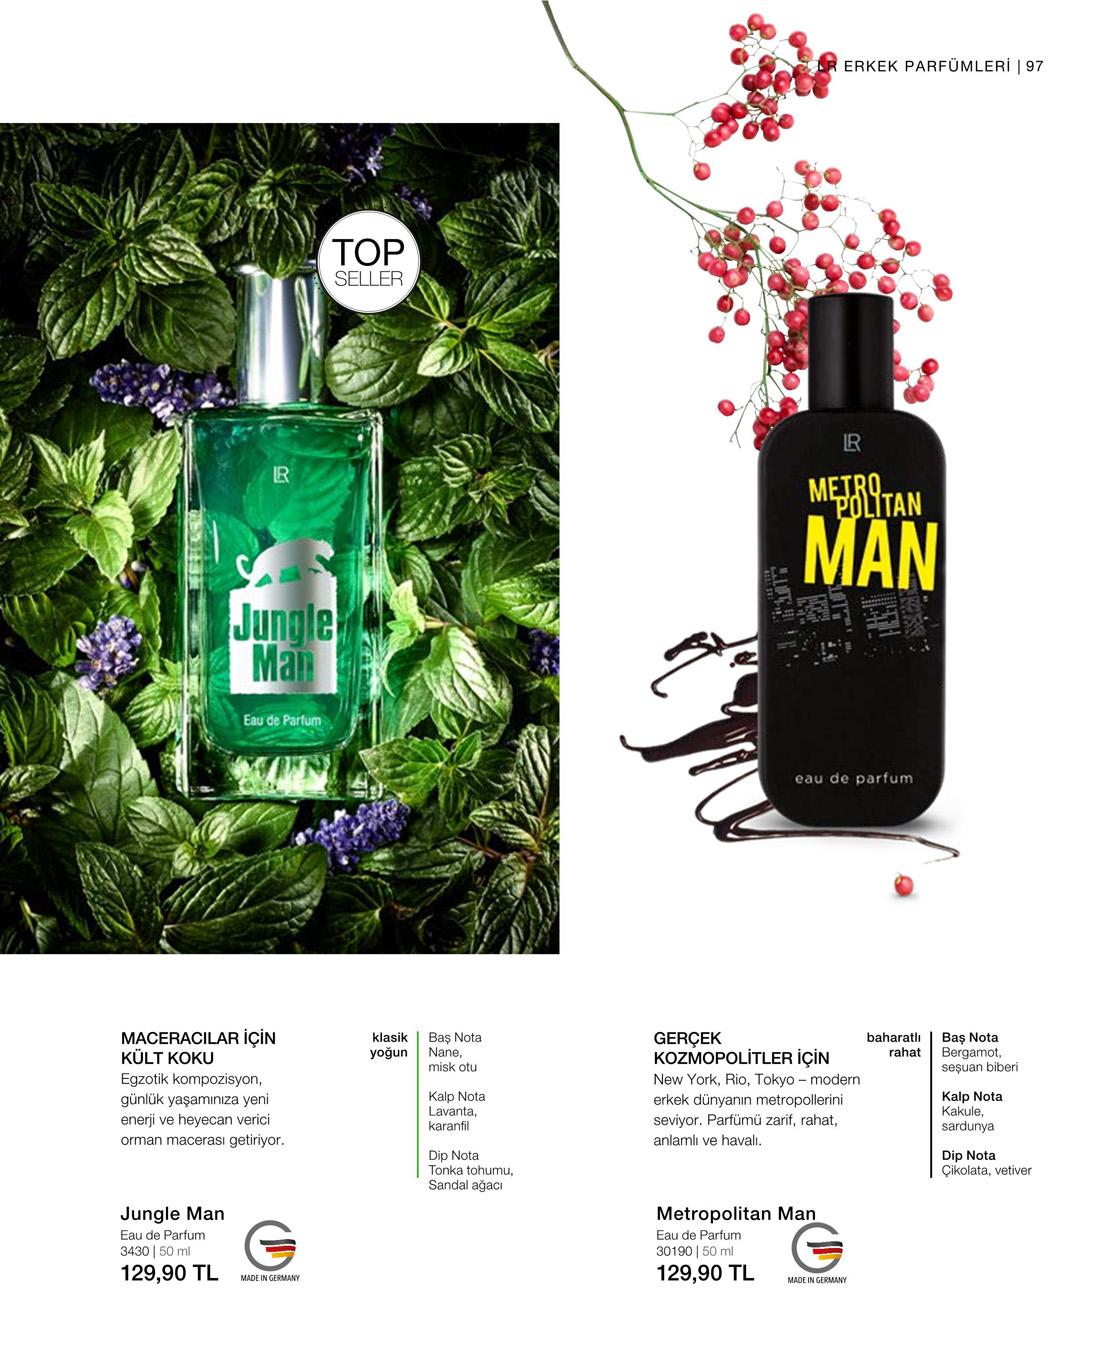 LR Jungle Man EdP katalog